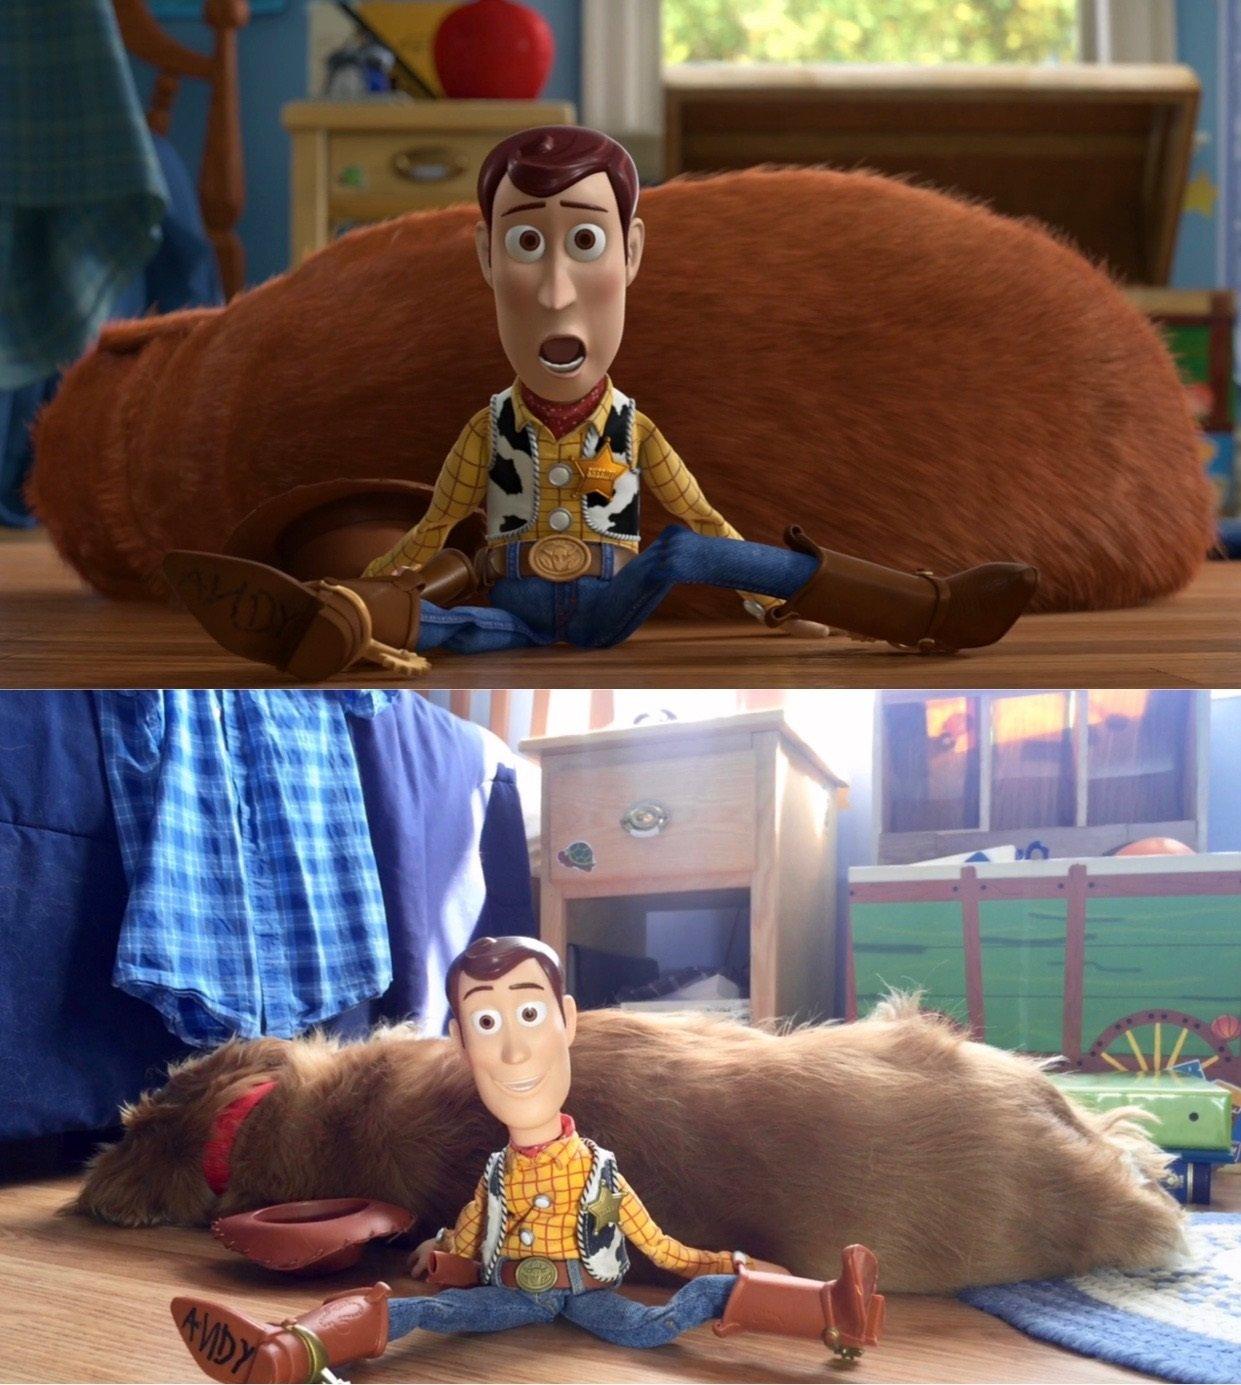 Até a cena com o cachorro teve uma versão recriada na vida real